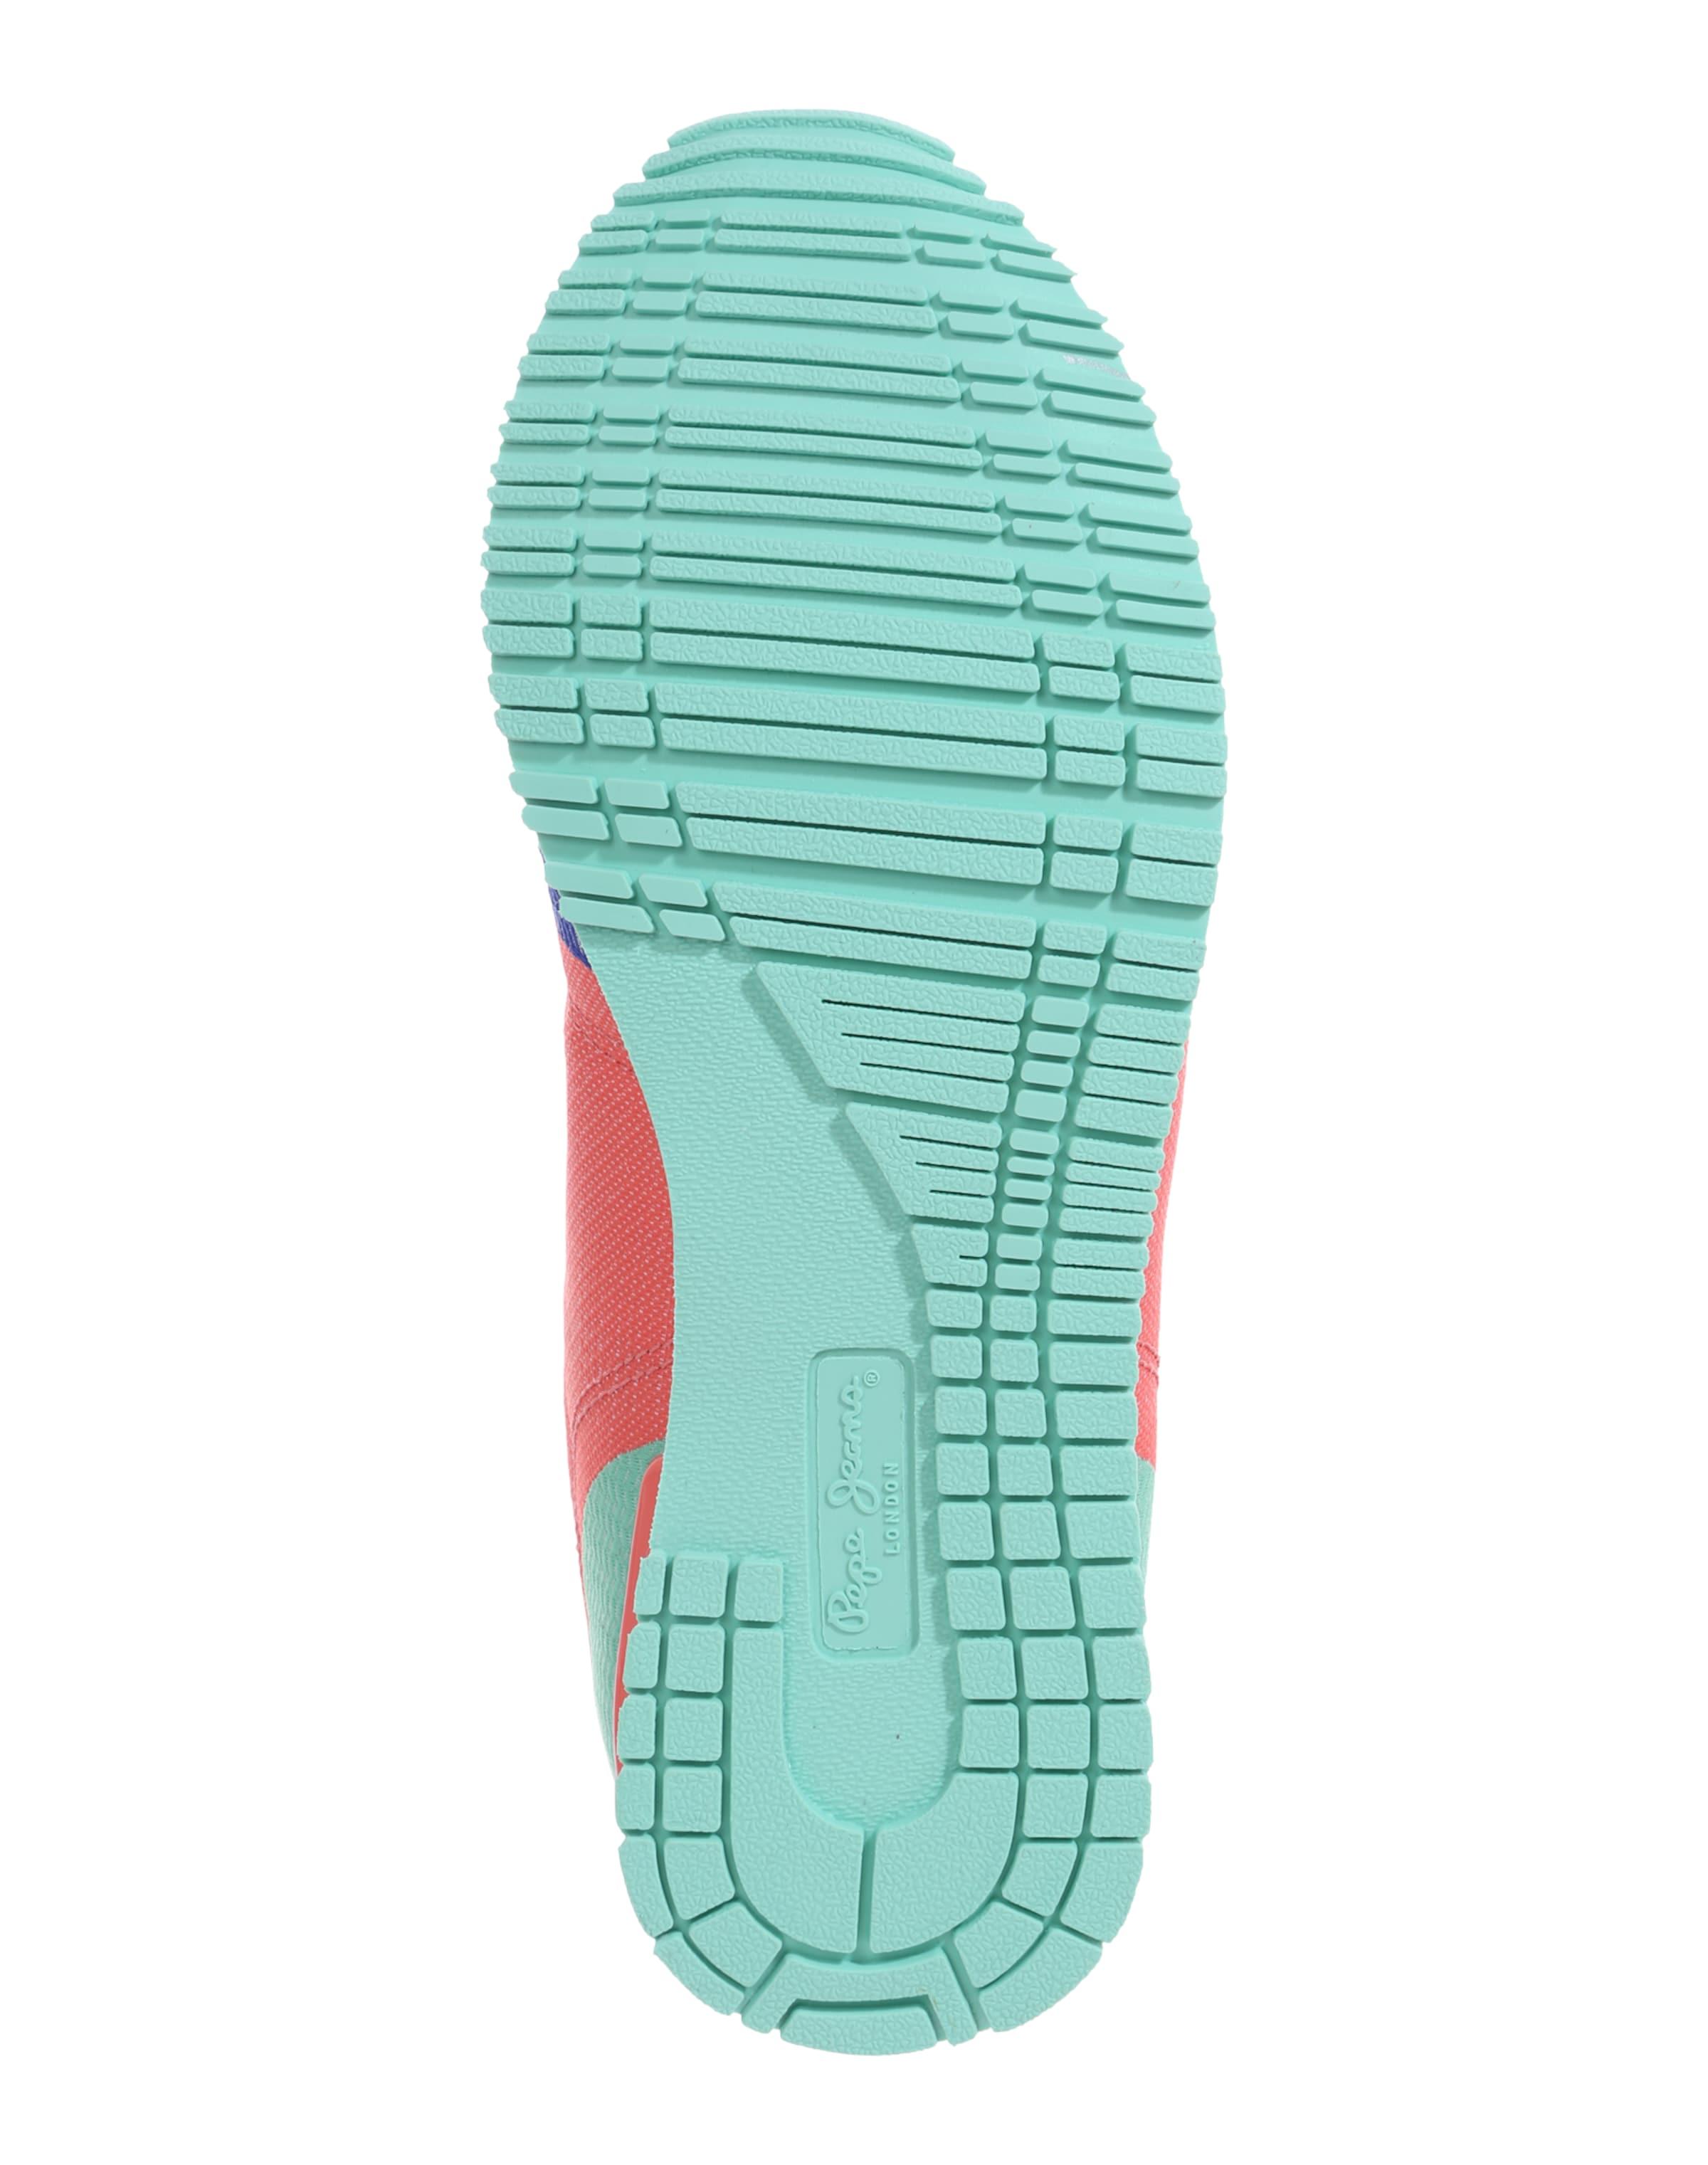 Pepe Jeans 'Gable Twister' Sneakers Spielraum Beruf Kostenloser Versand Billig Perfekt Spielraum Sammlungen cSN4i3n6LZ